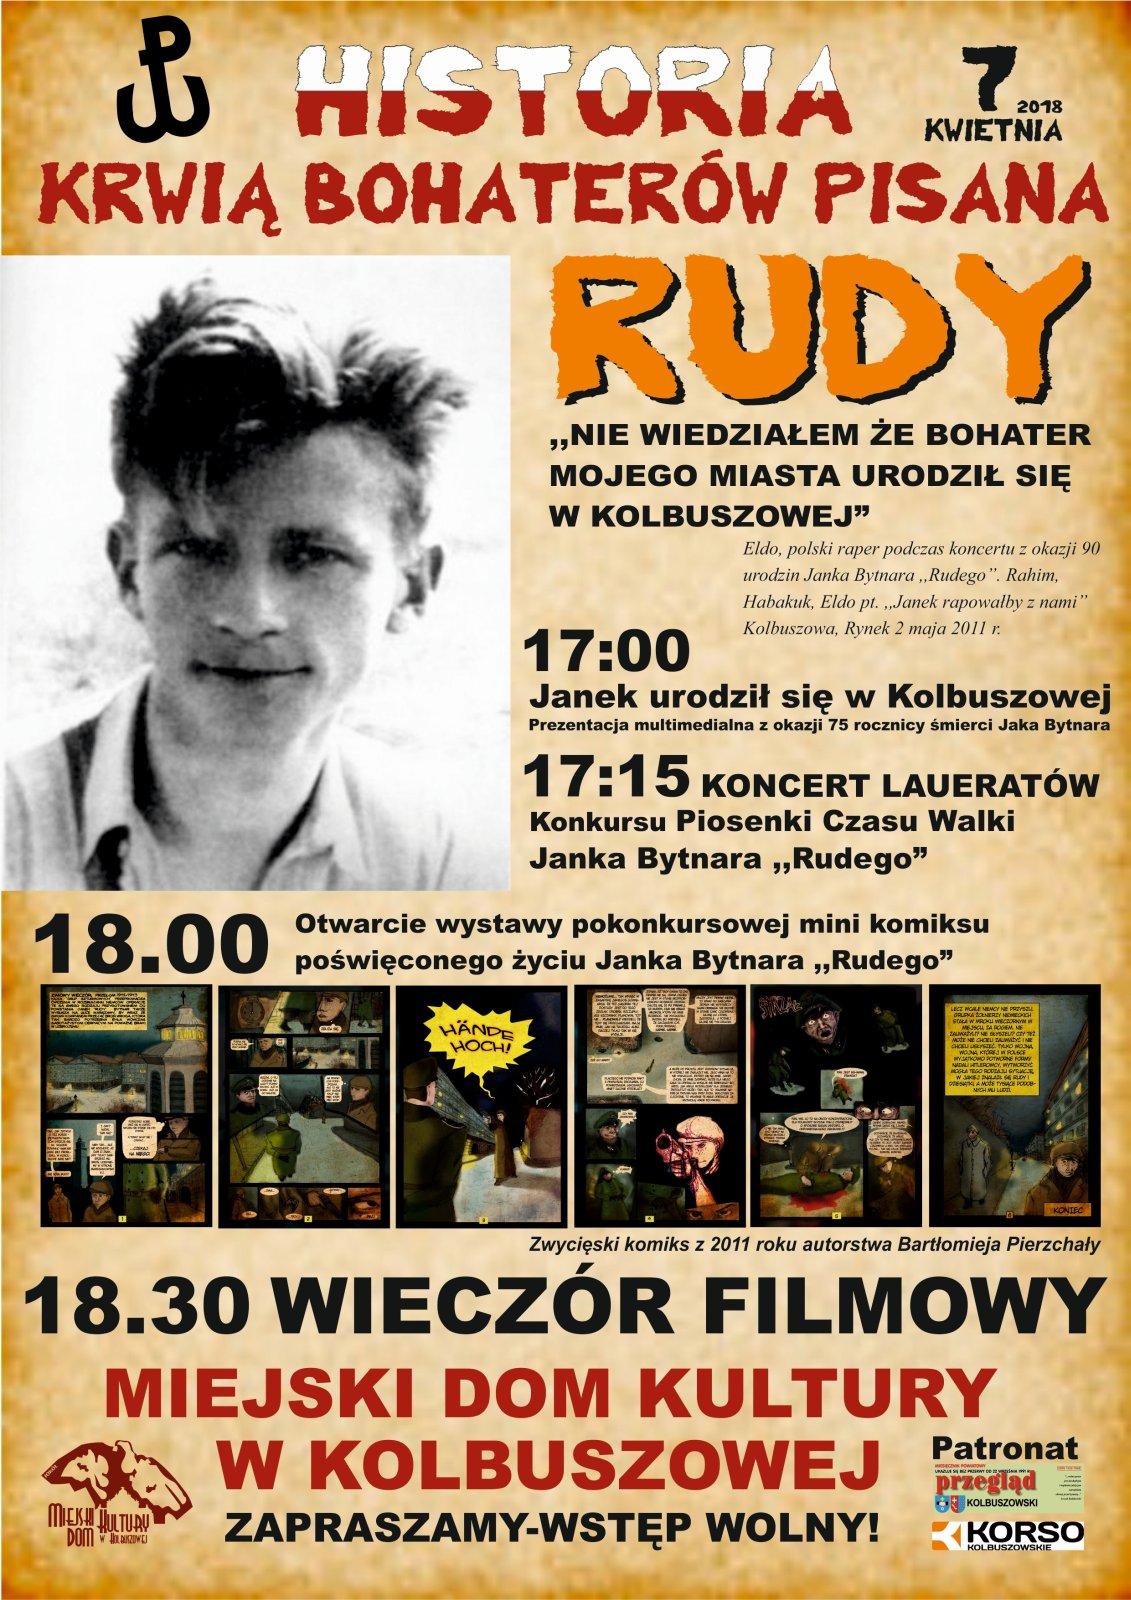 """Historia krwią bohaterów pisana - """"Rudy"""". Wystawa i wieczór filmowy w MDK Kolbuszowa - Zdjęcie główne"""